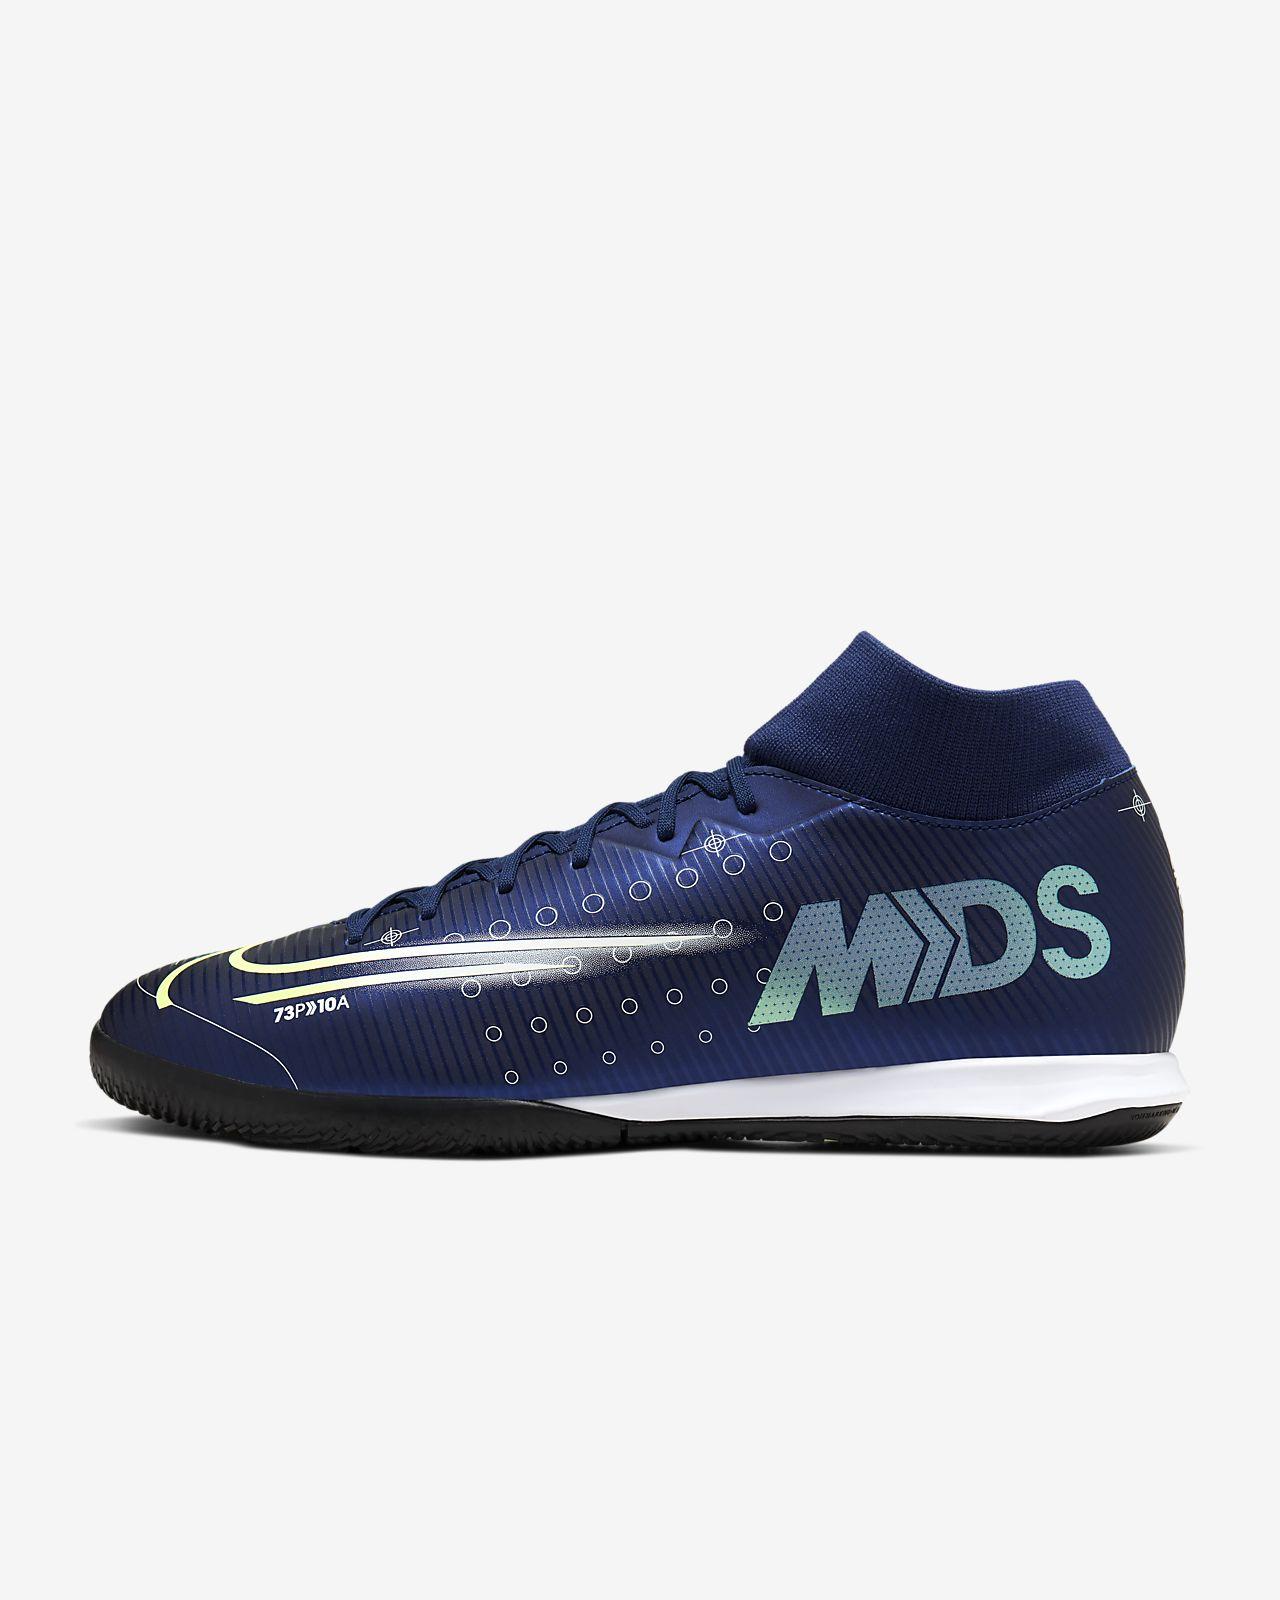 Fotbollssko för inomhusplaner/futsal/street Nike Mercurial Superfly 7 Academy MDS IC